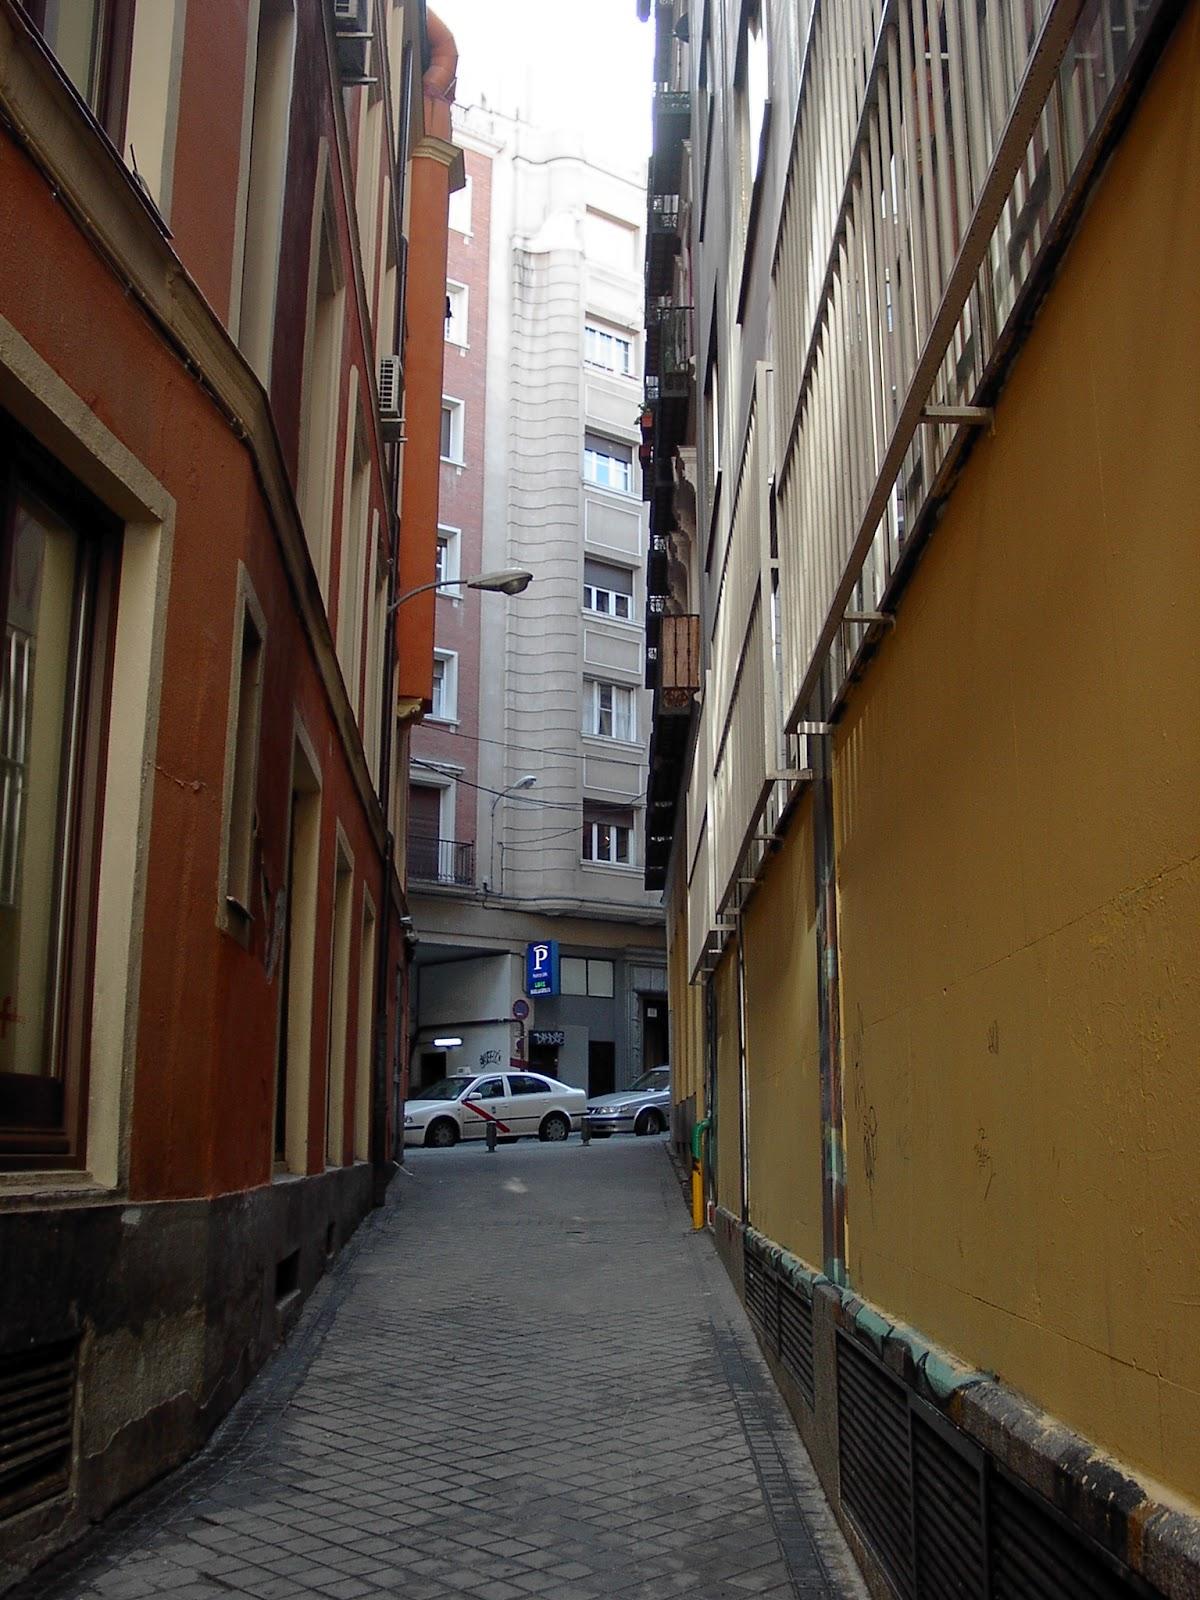 Antiguos caf s de madrid y otras cosas de la villa 03 01 for Calle del prado 9 madrid espana